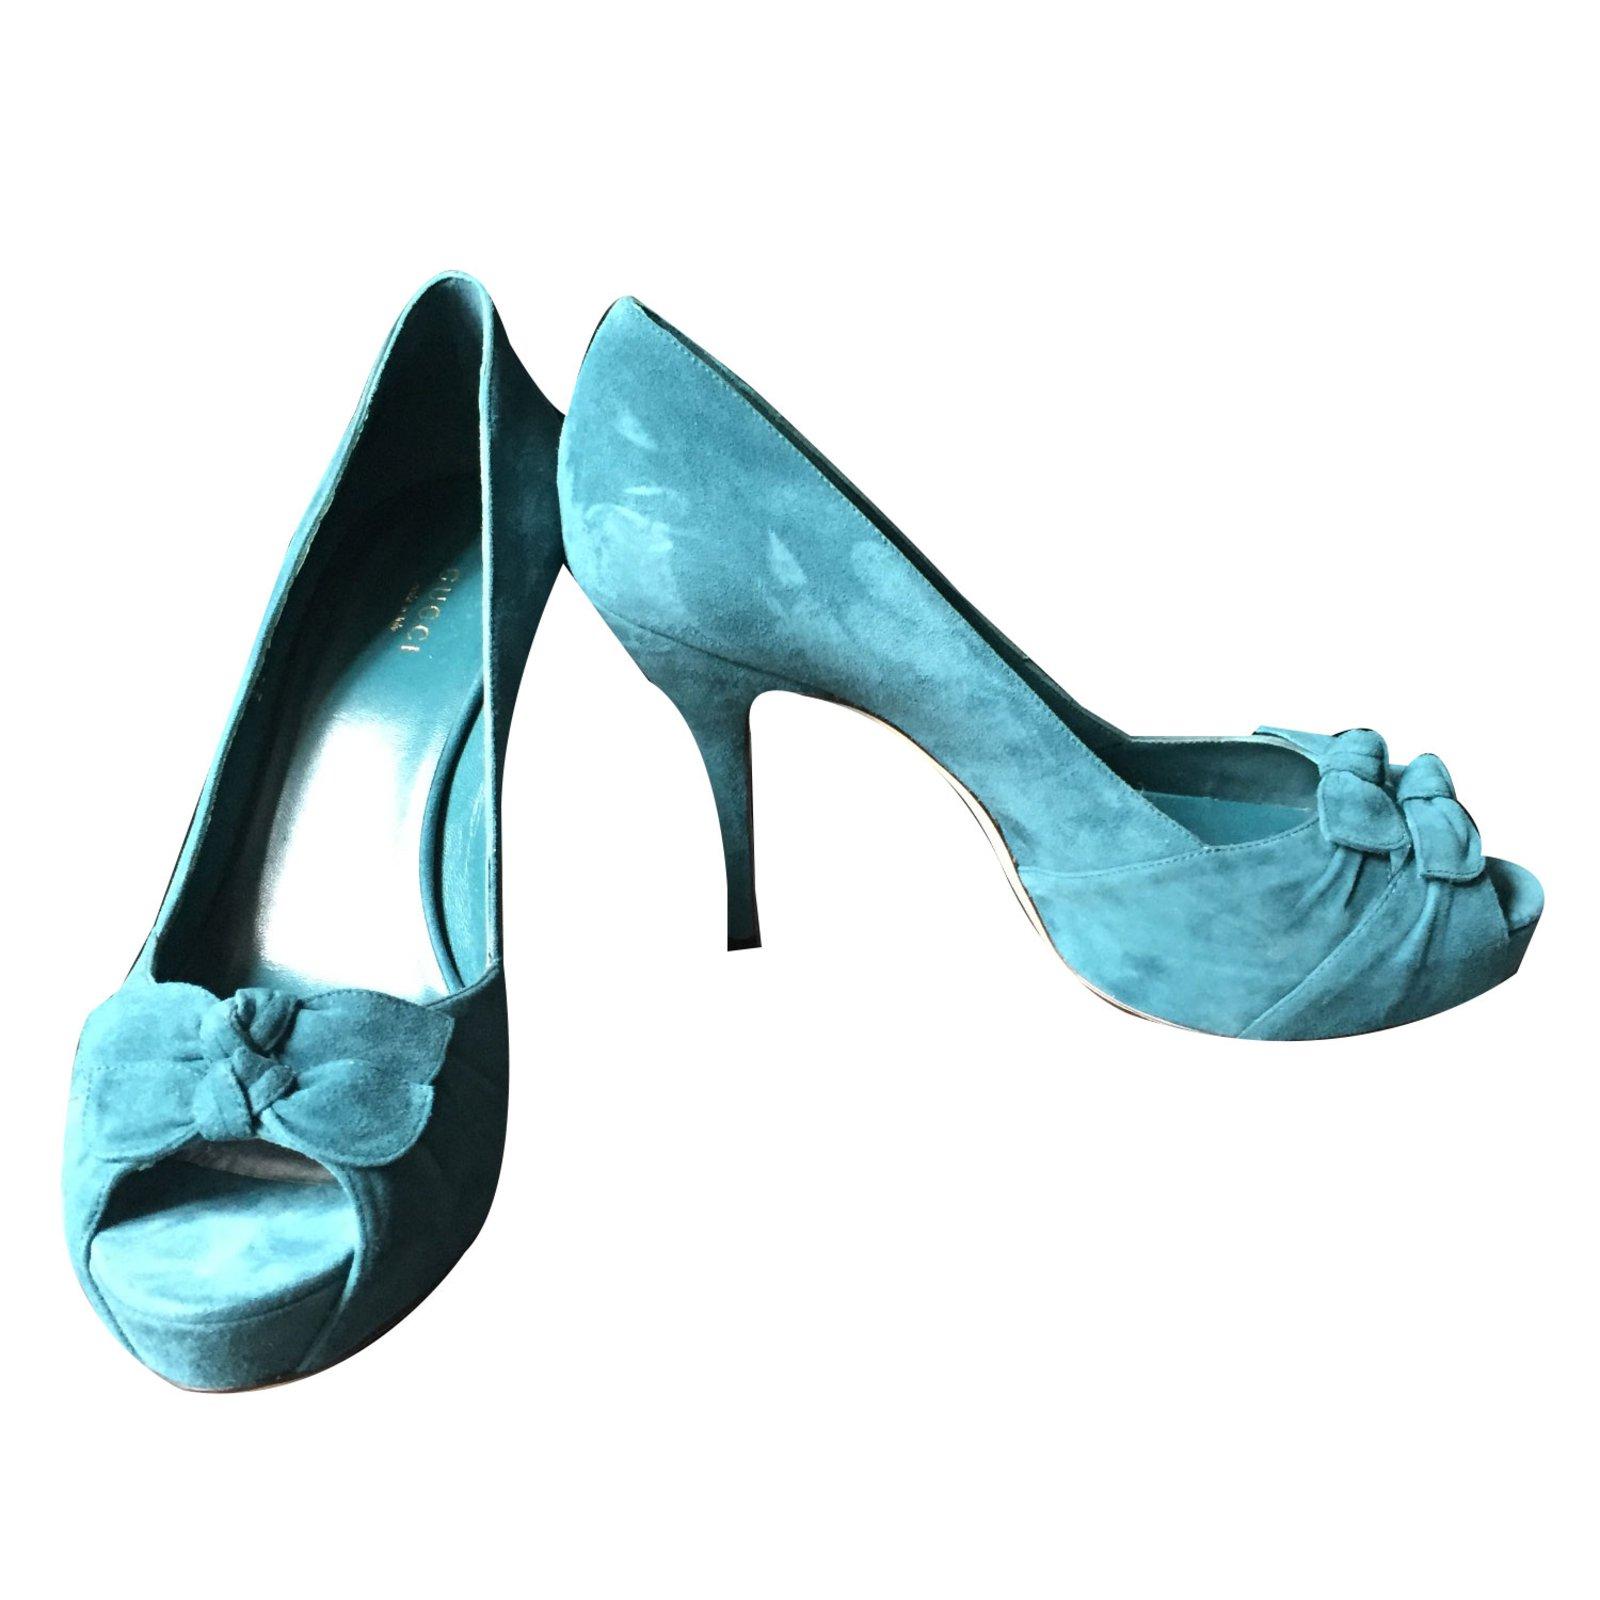 c189076d900 Gucci Pumps Heels Suede Blue ref.45666 - Joli Closet